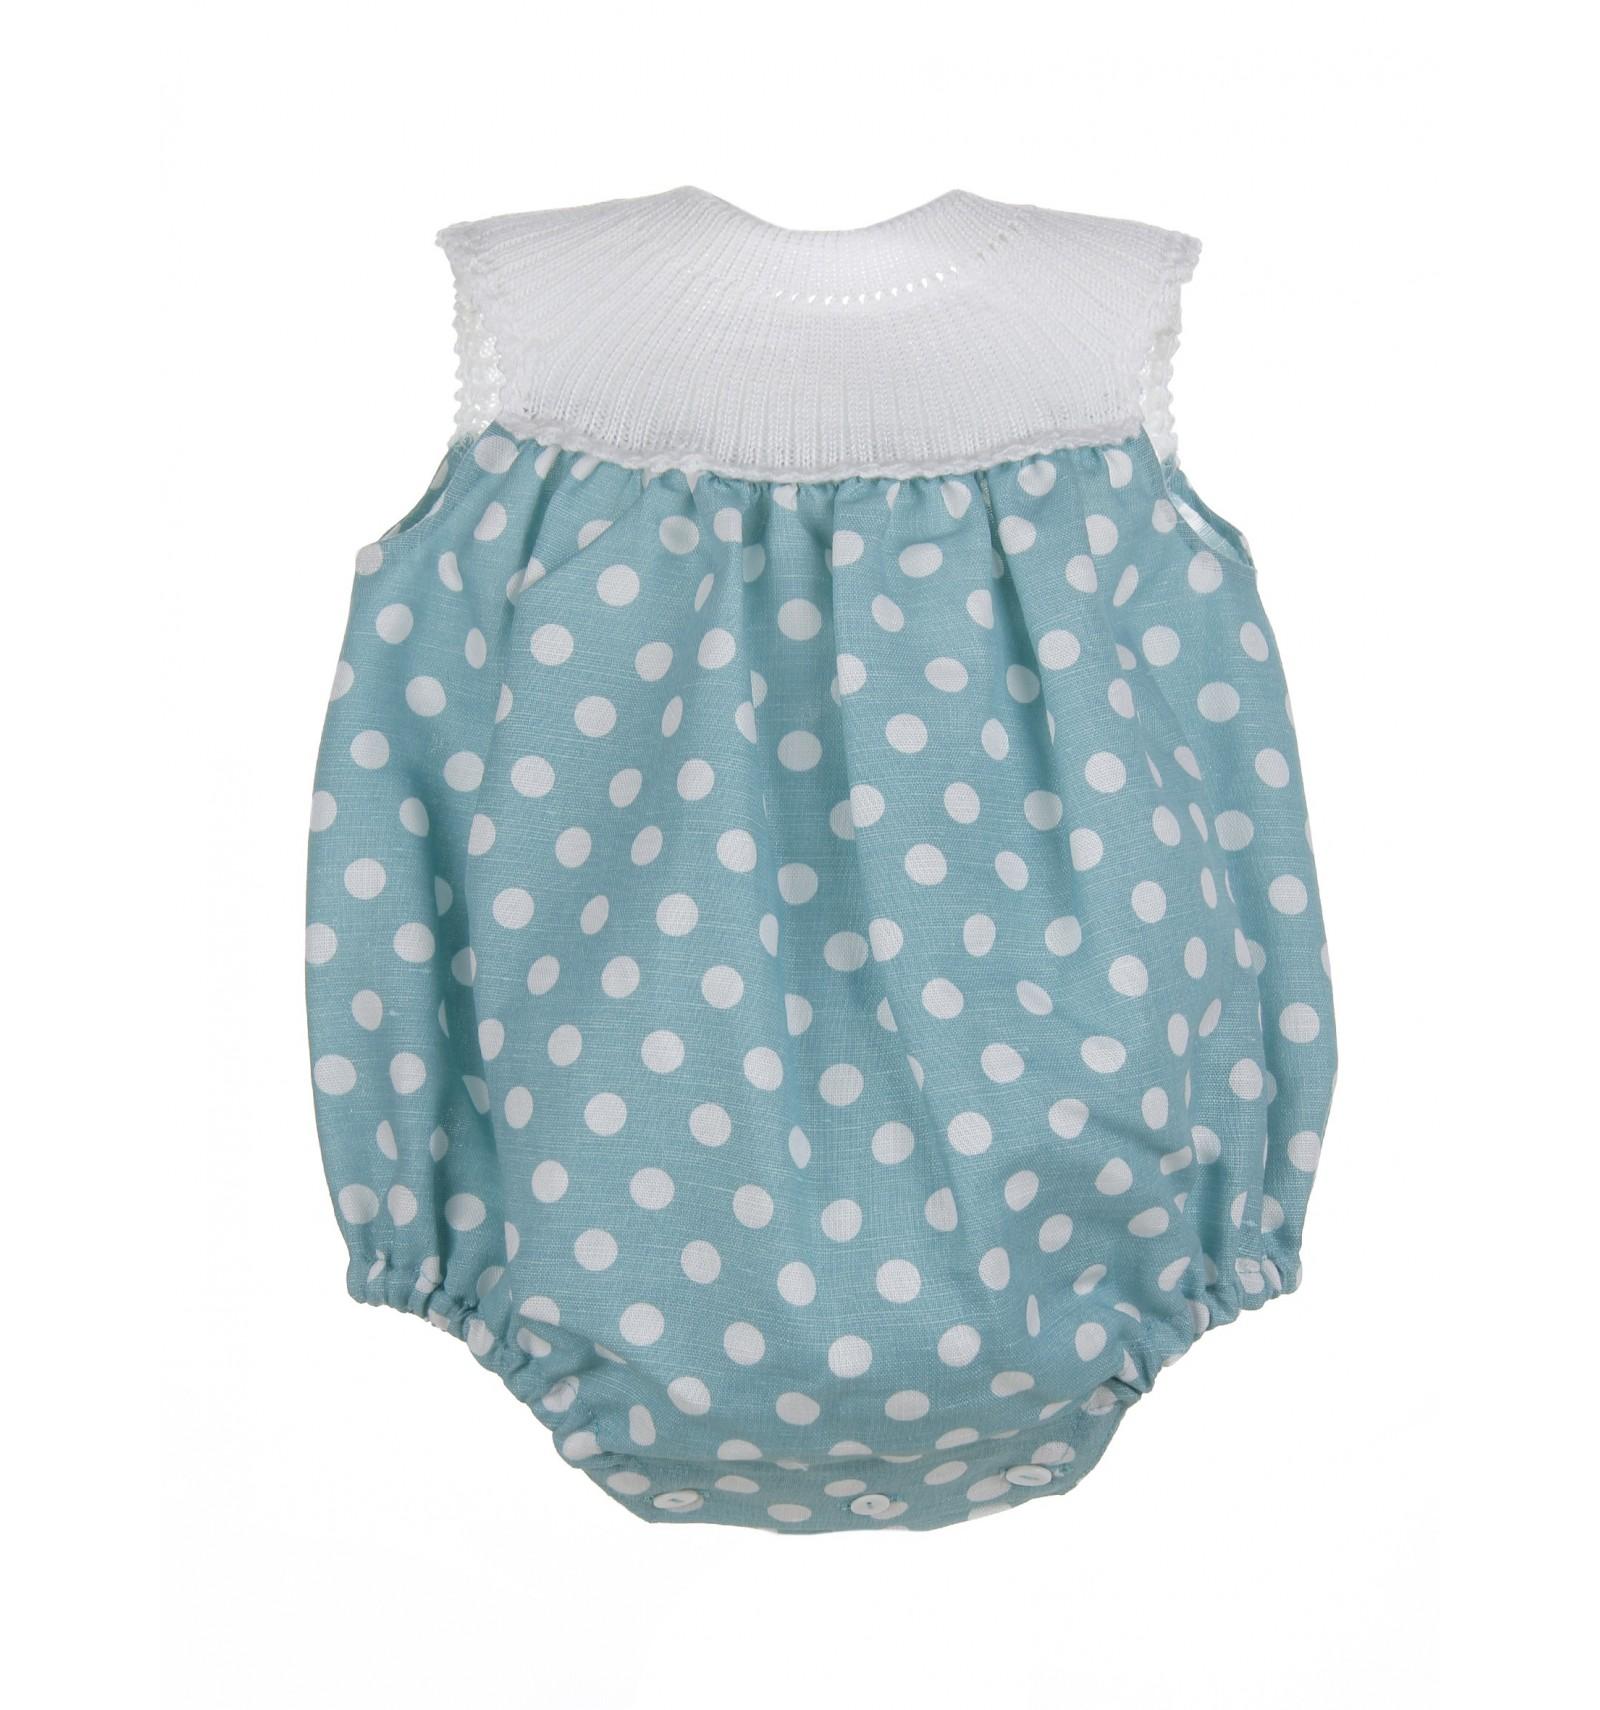 ffea8708a Ranita para bebé de lunares con canesú tejido en hilo de algodón.